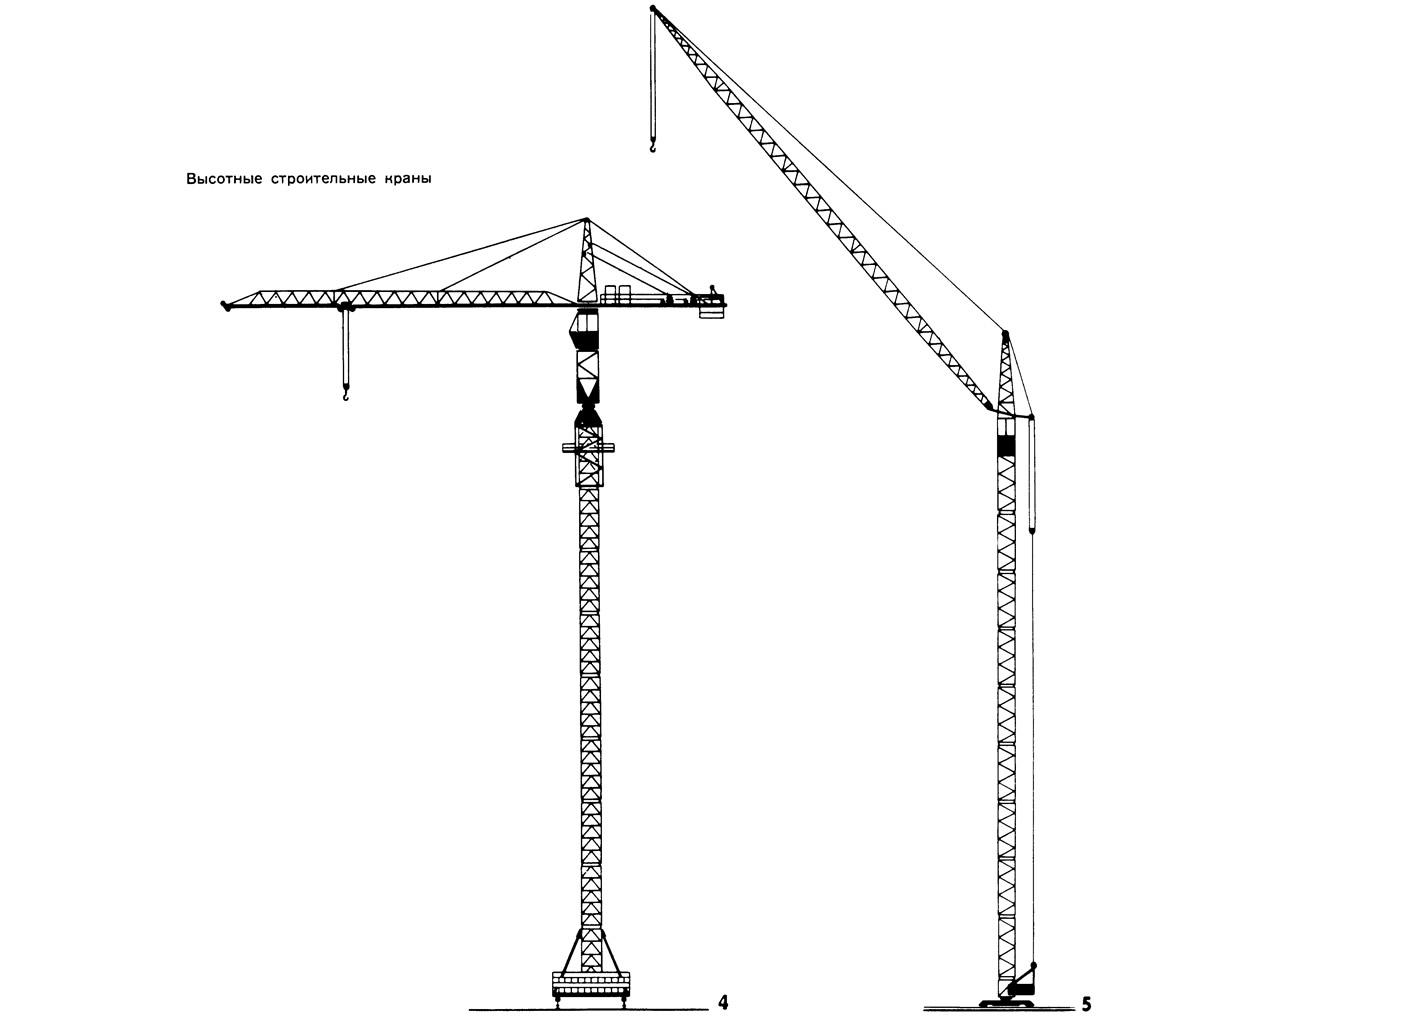 Высотные строительные краны